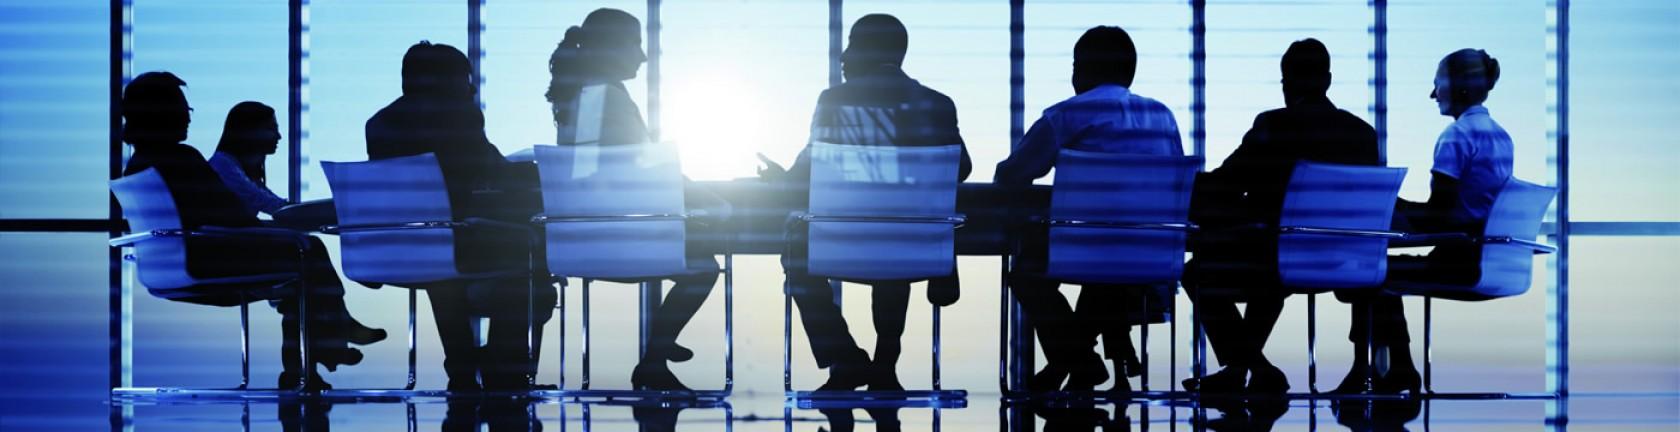 Prise de RDV personnalisé - MBA Communication Publique & Influence EFAP Lille